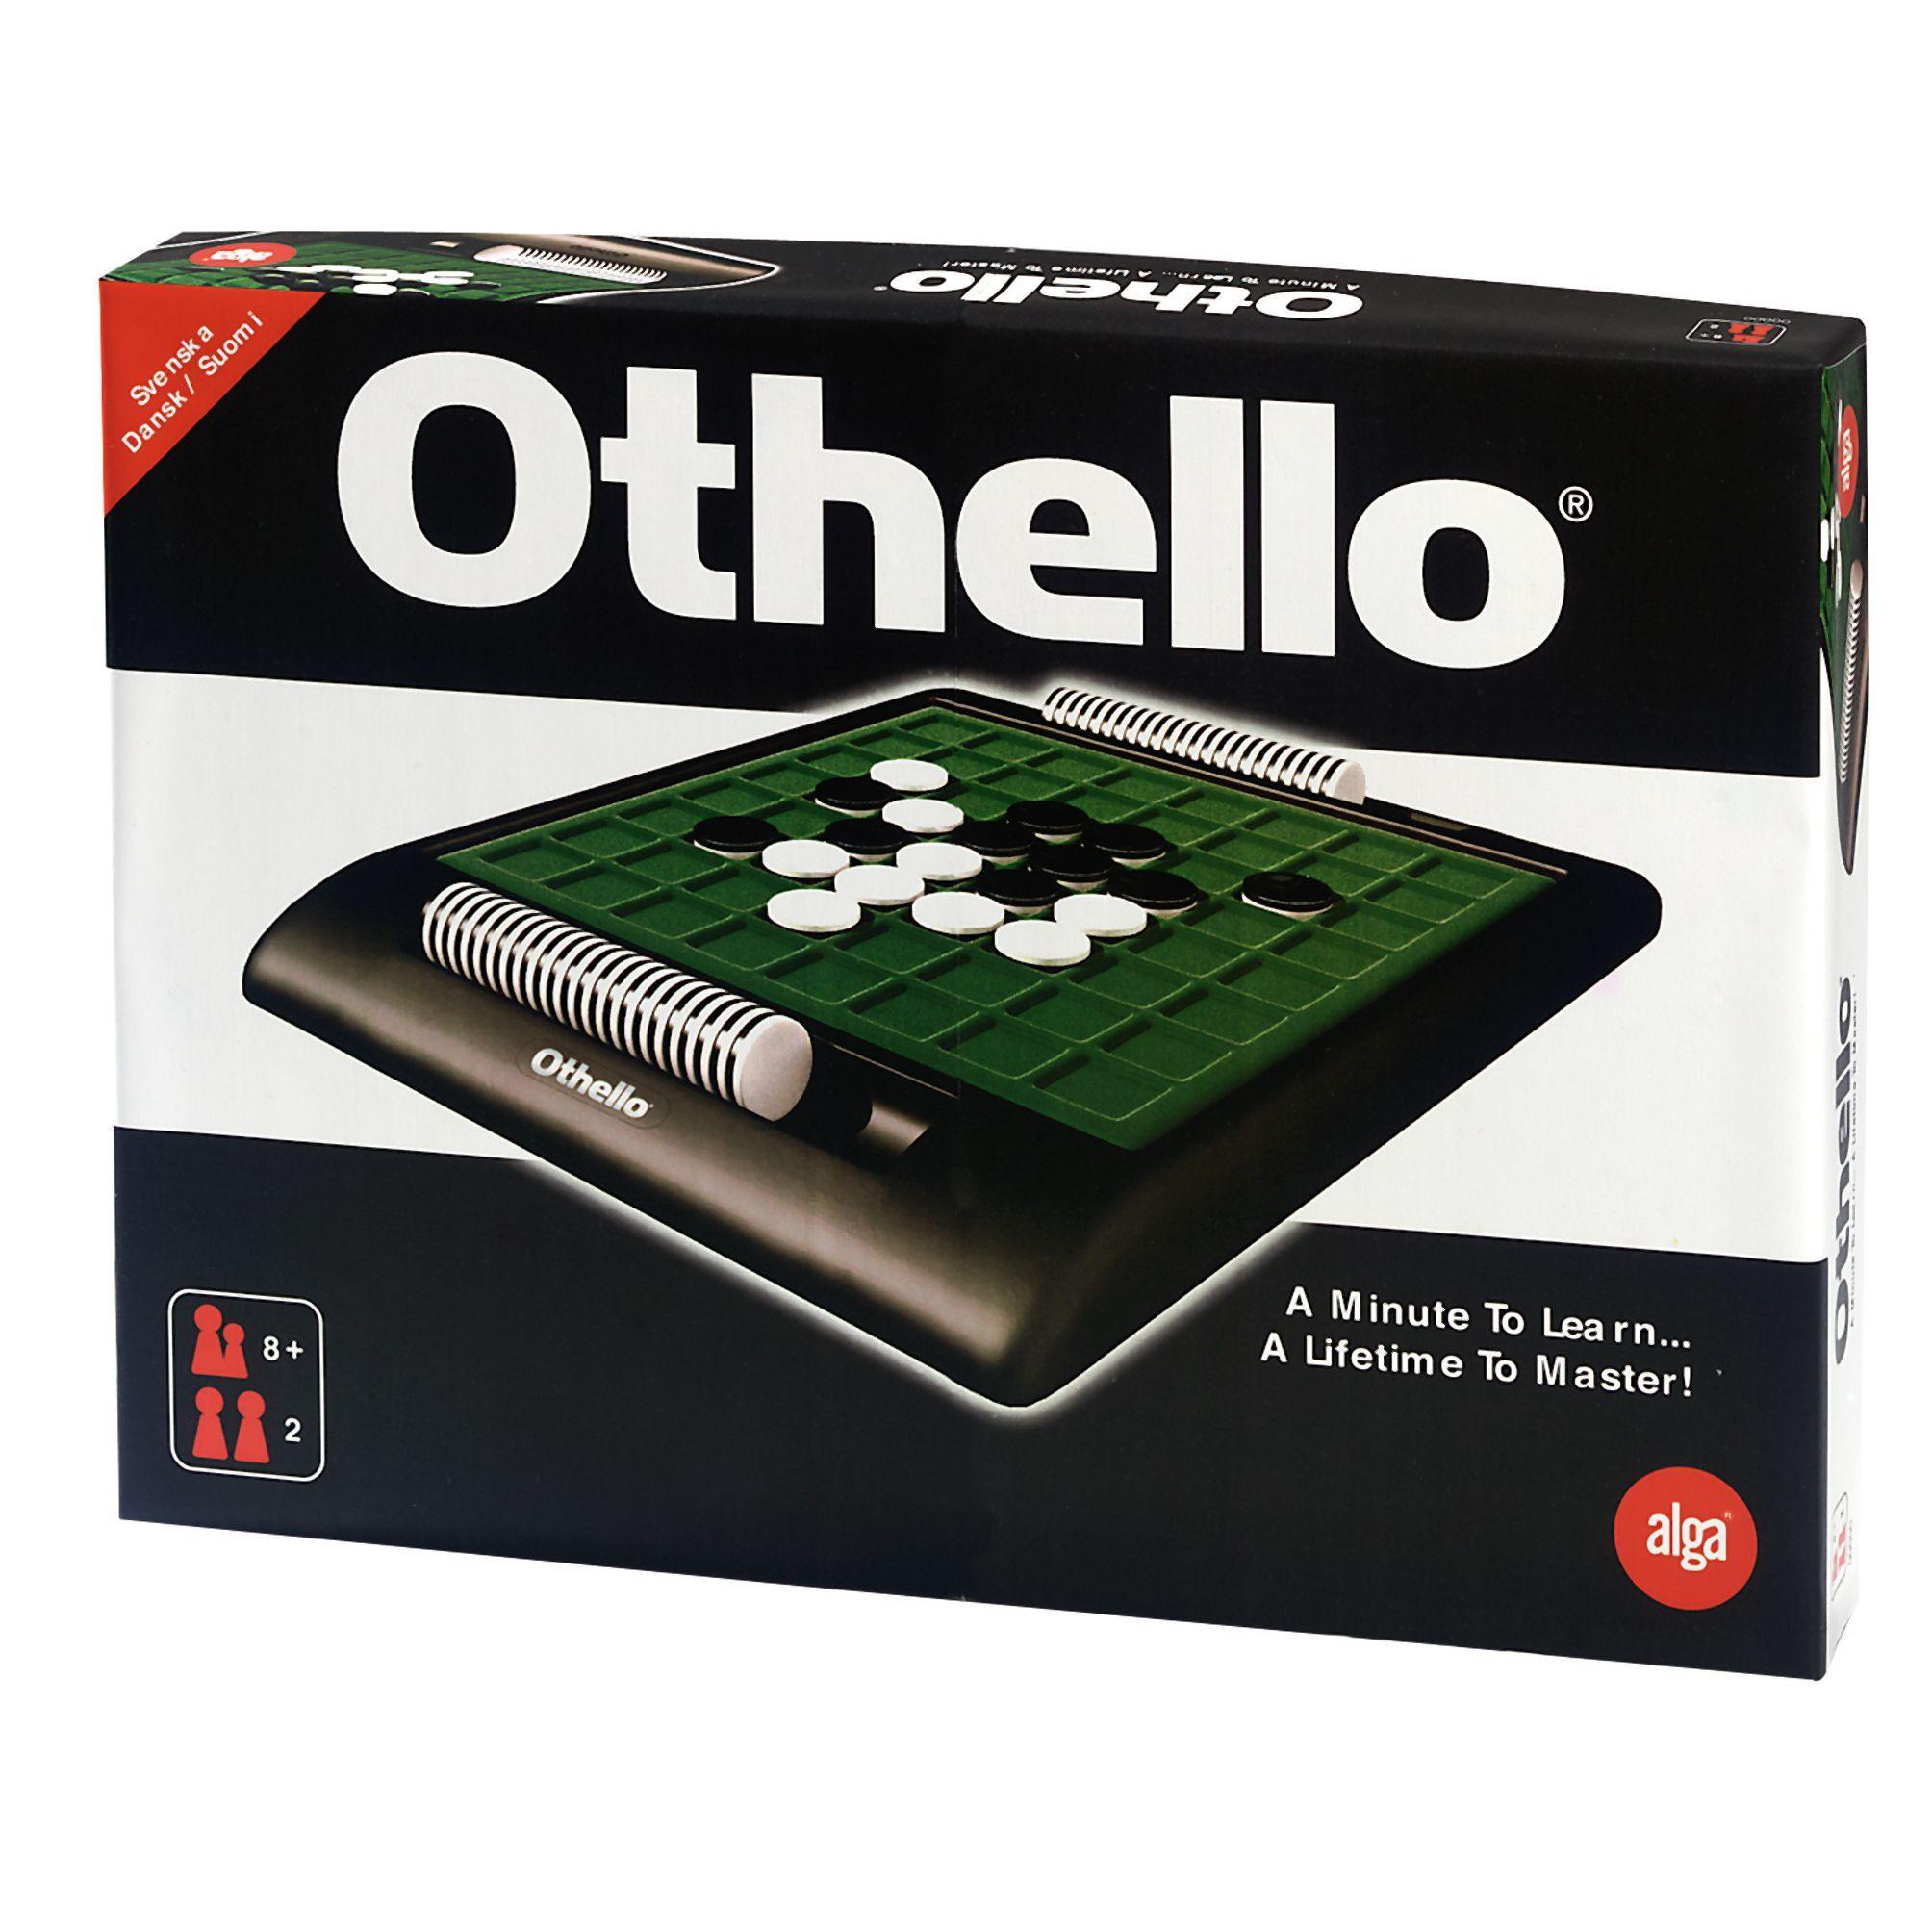 9504908000  Spill Othello fra 8 år